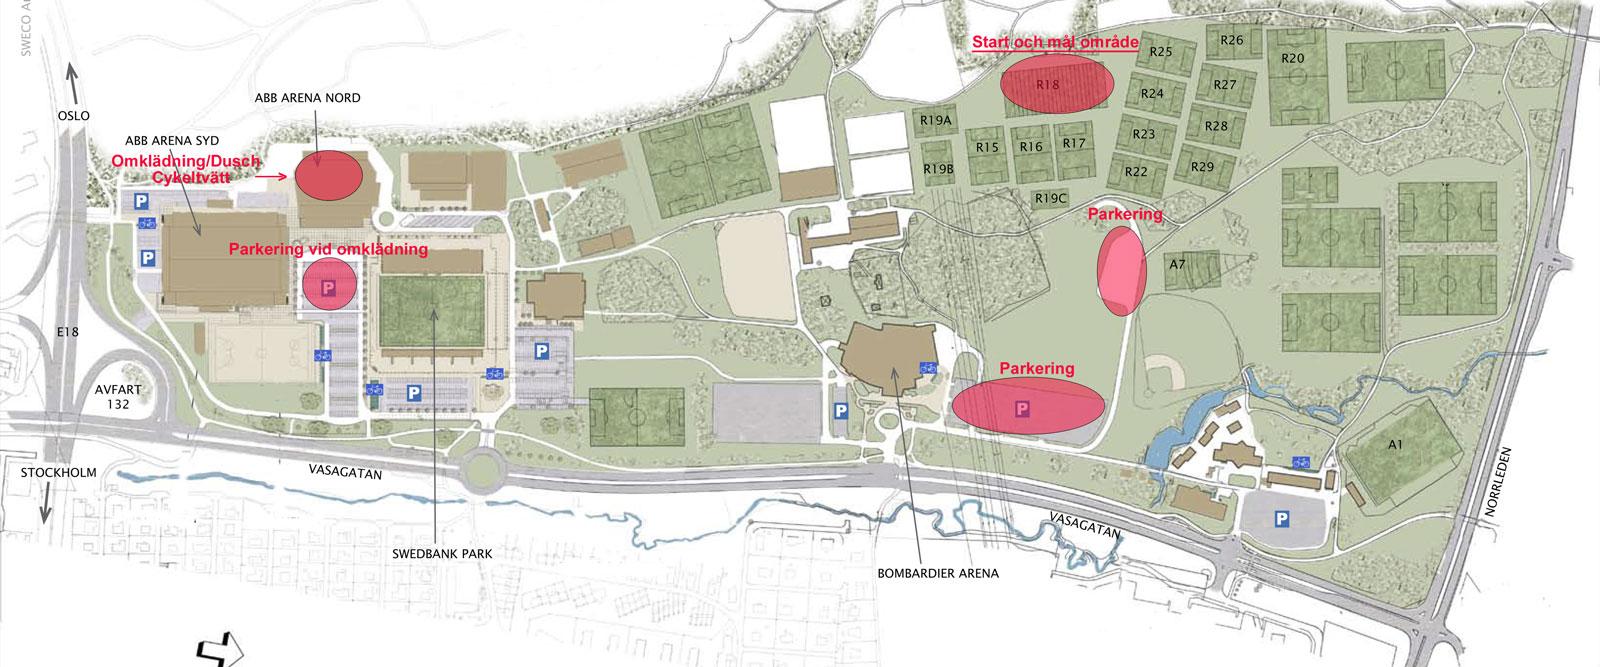 västerås sjukhus karta PM | Västerås Cykelklubb västerås sjukhus karta